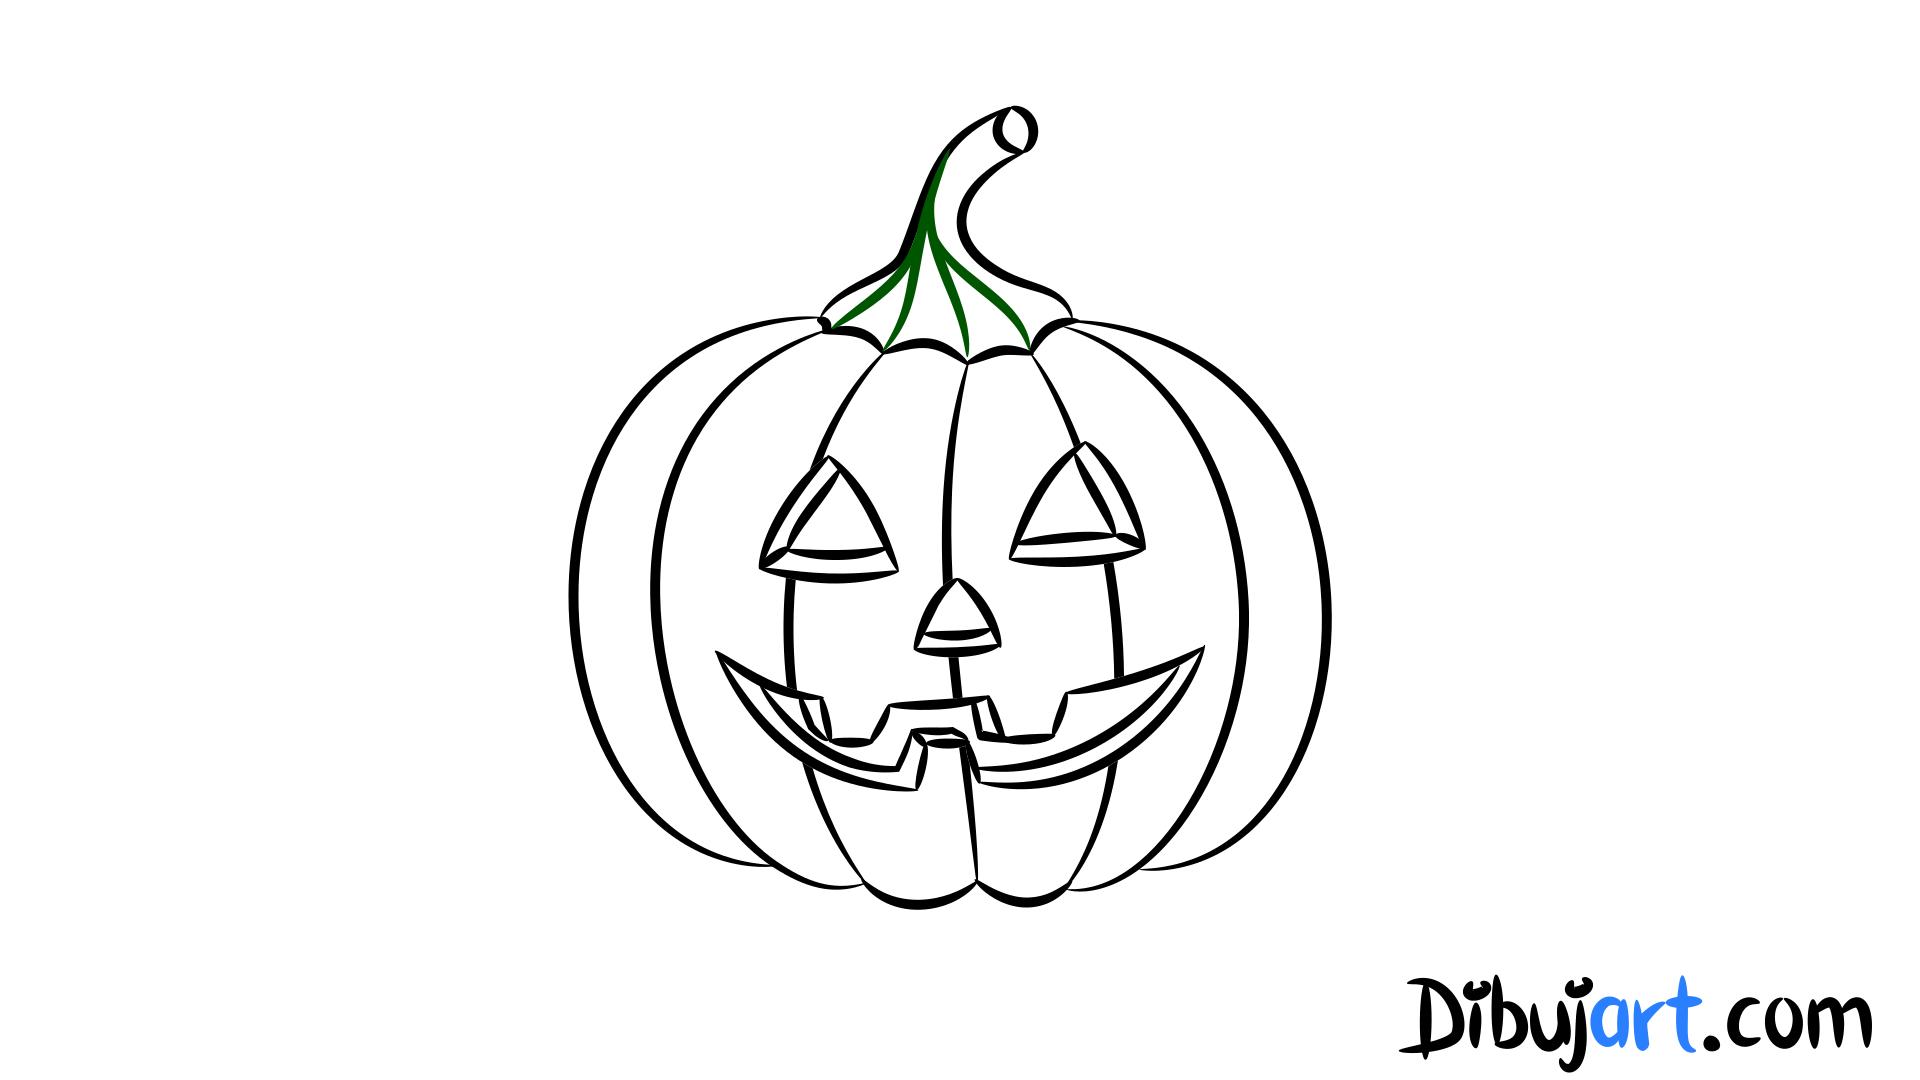 Cómo dibujar una Calabaza de Halloween paso a paso | dibujart.com